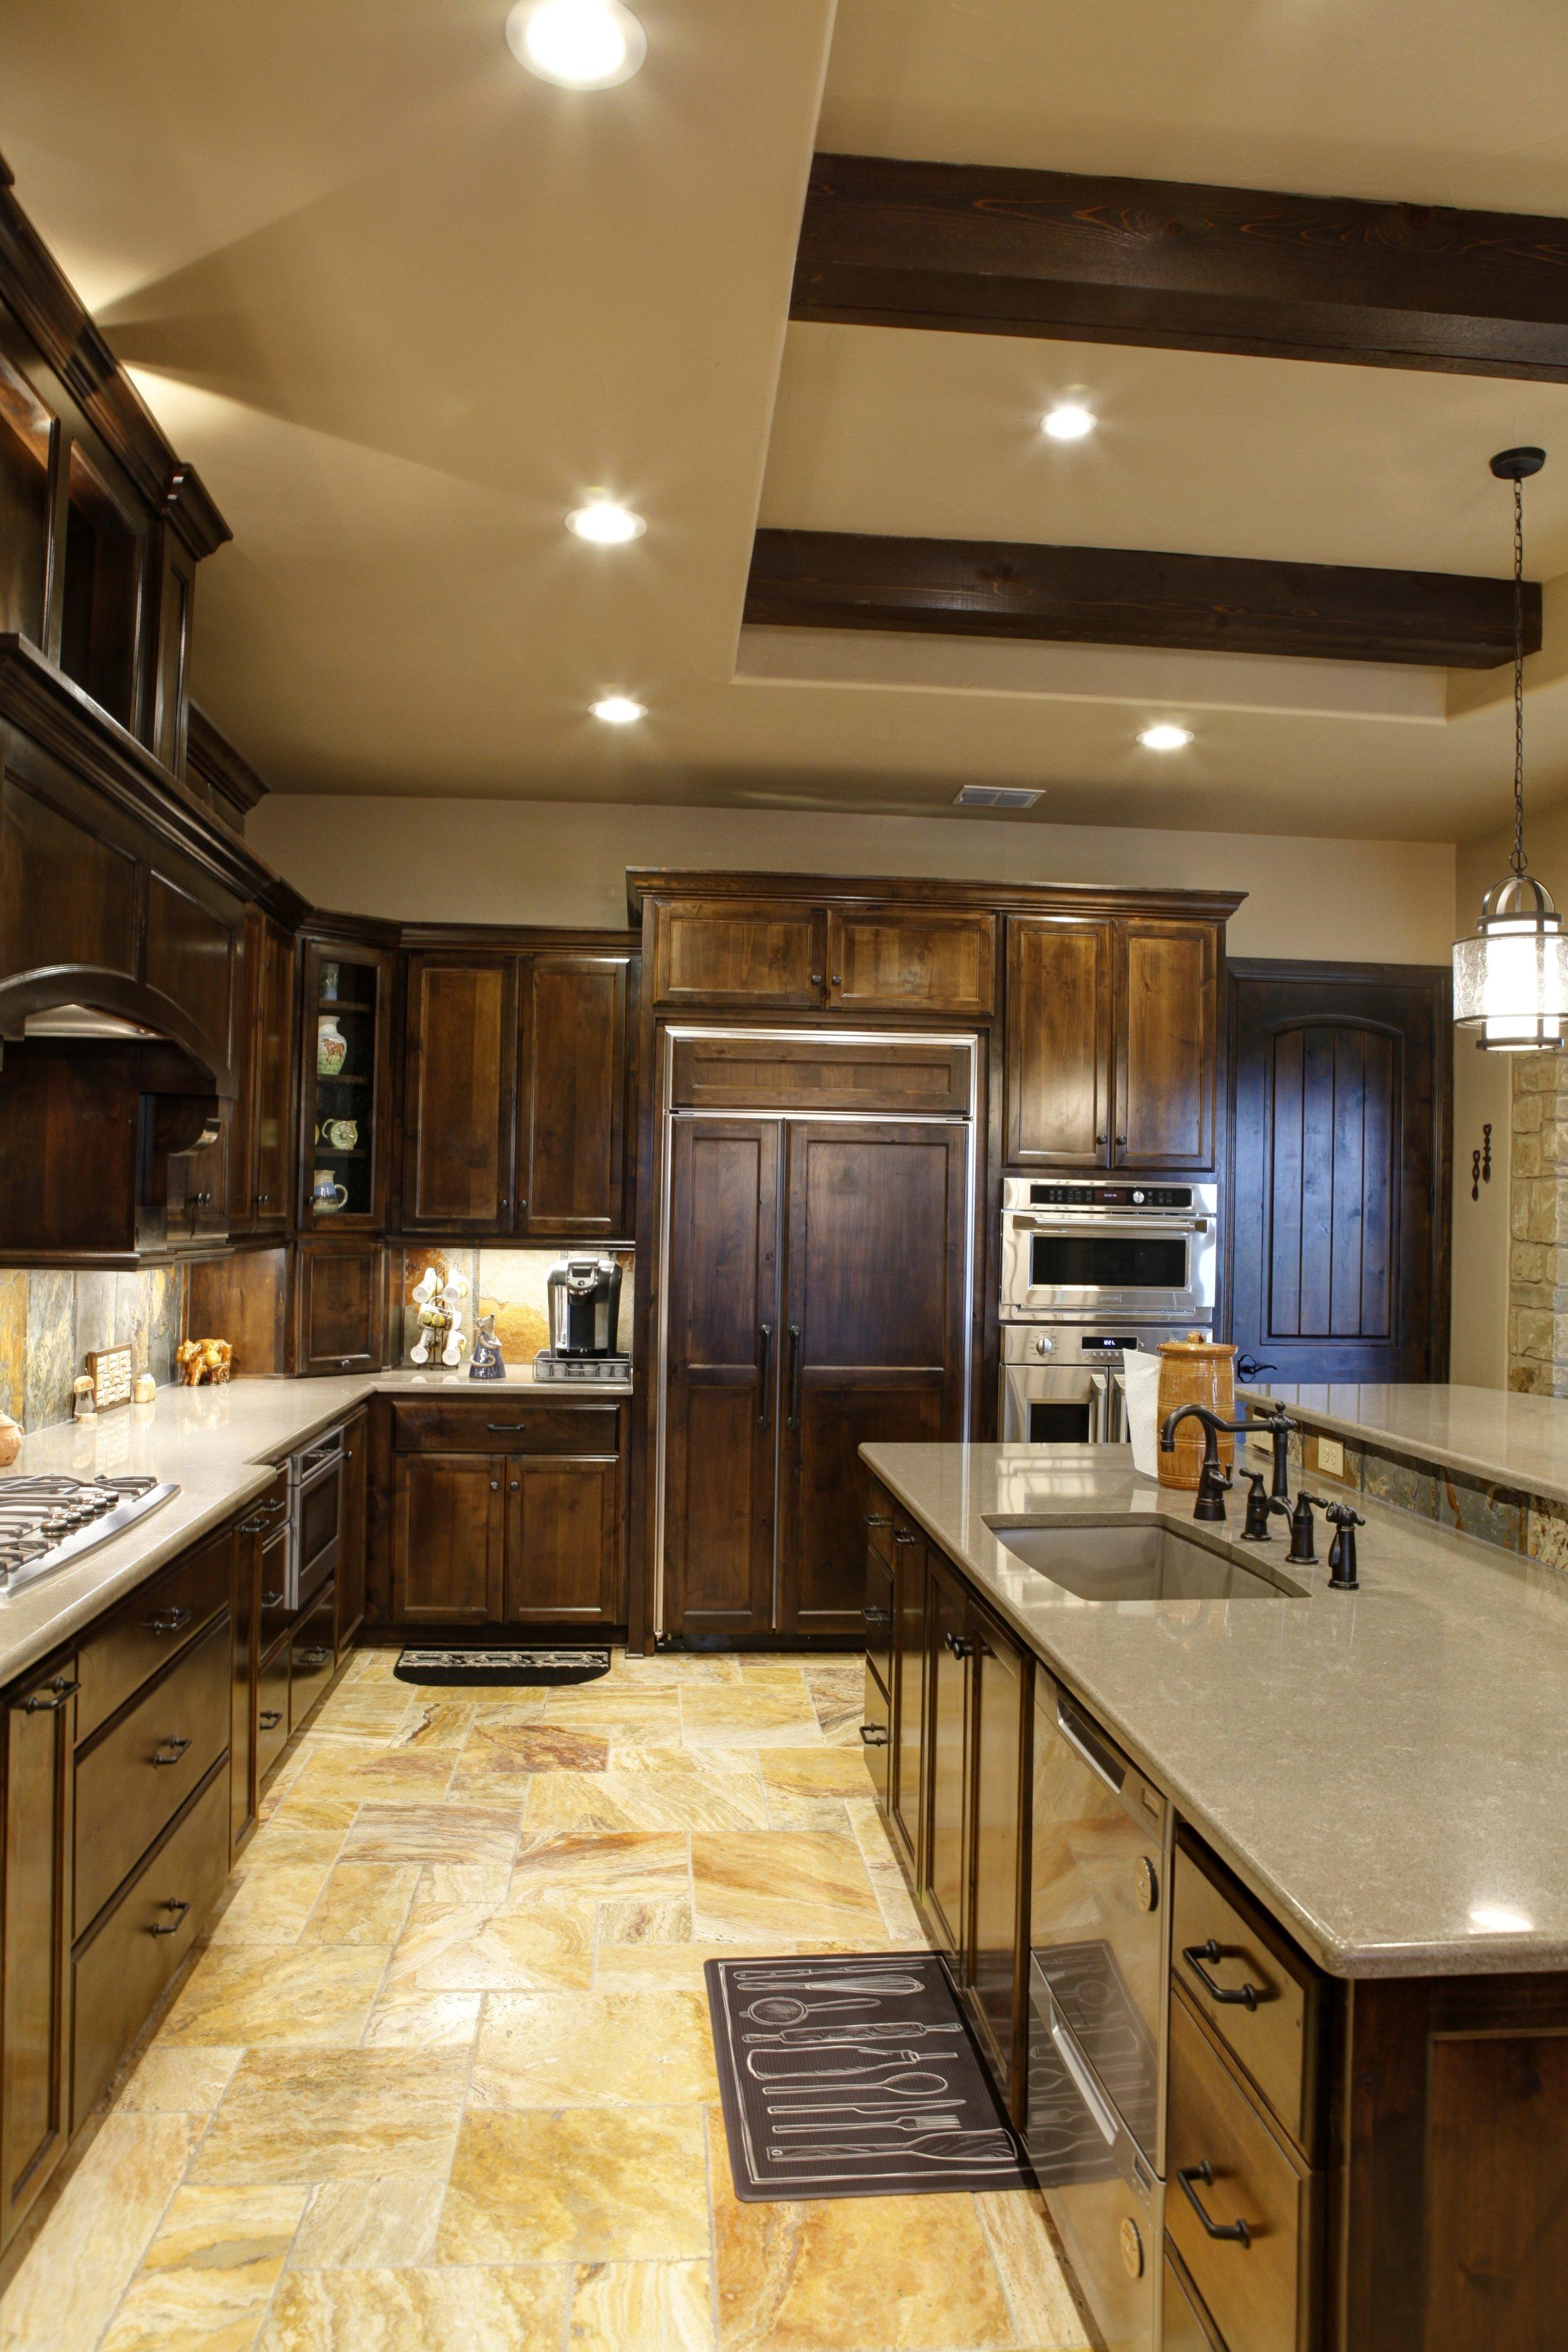 8-kitchen - 2.jpg